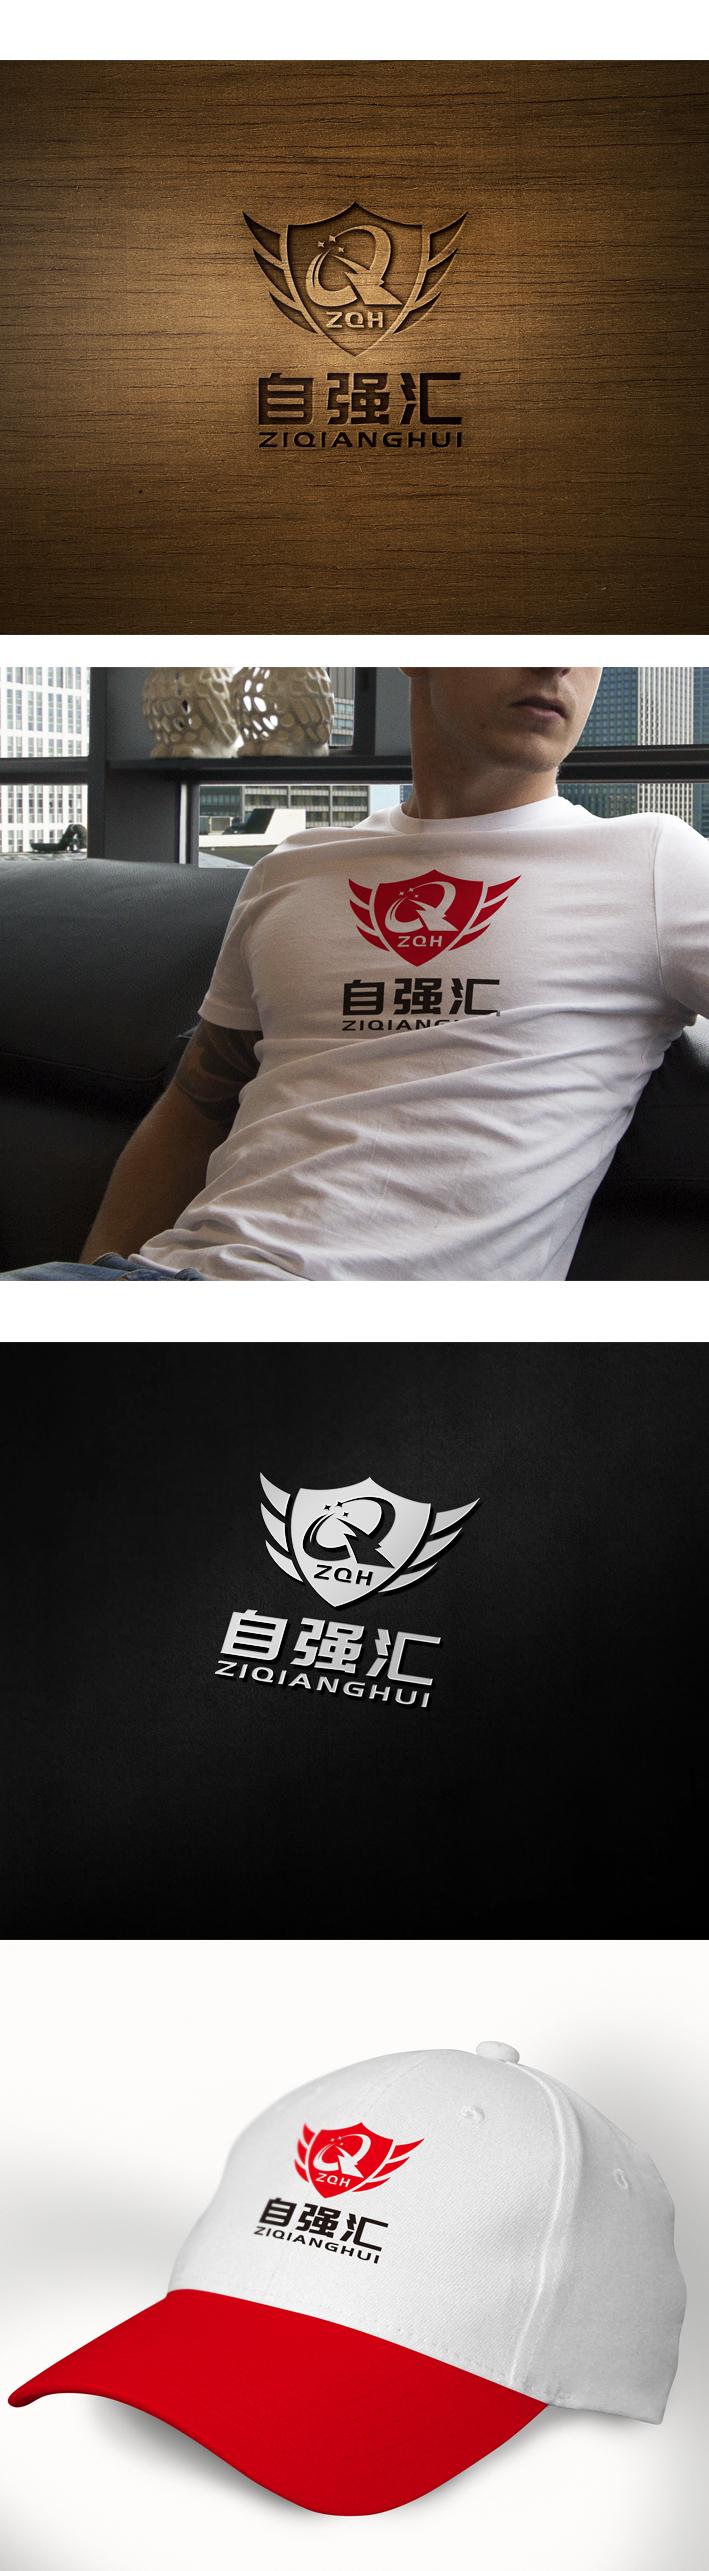 设计logo_3033105_k68威客网